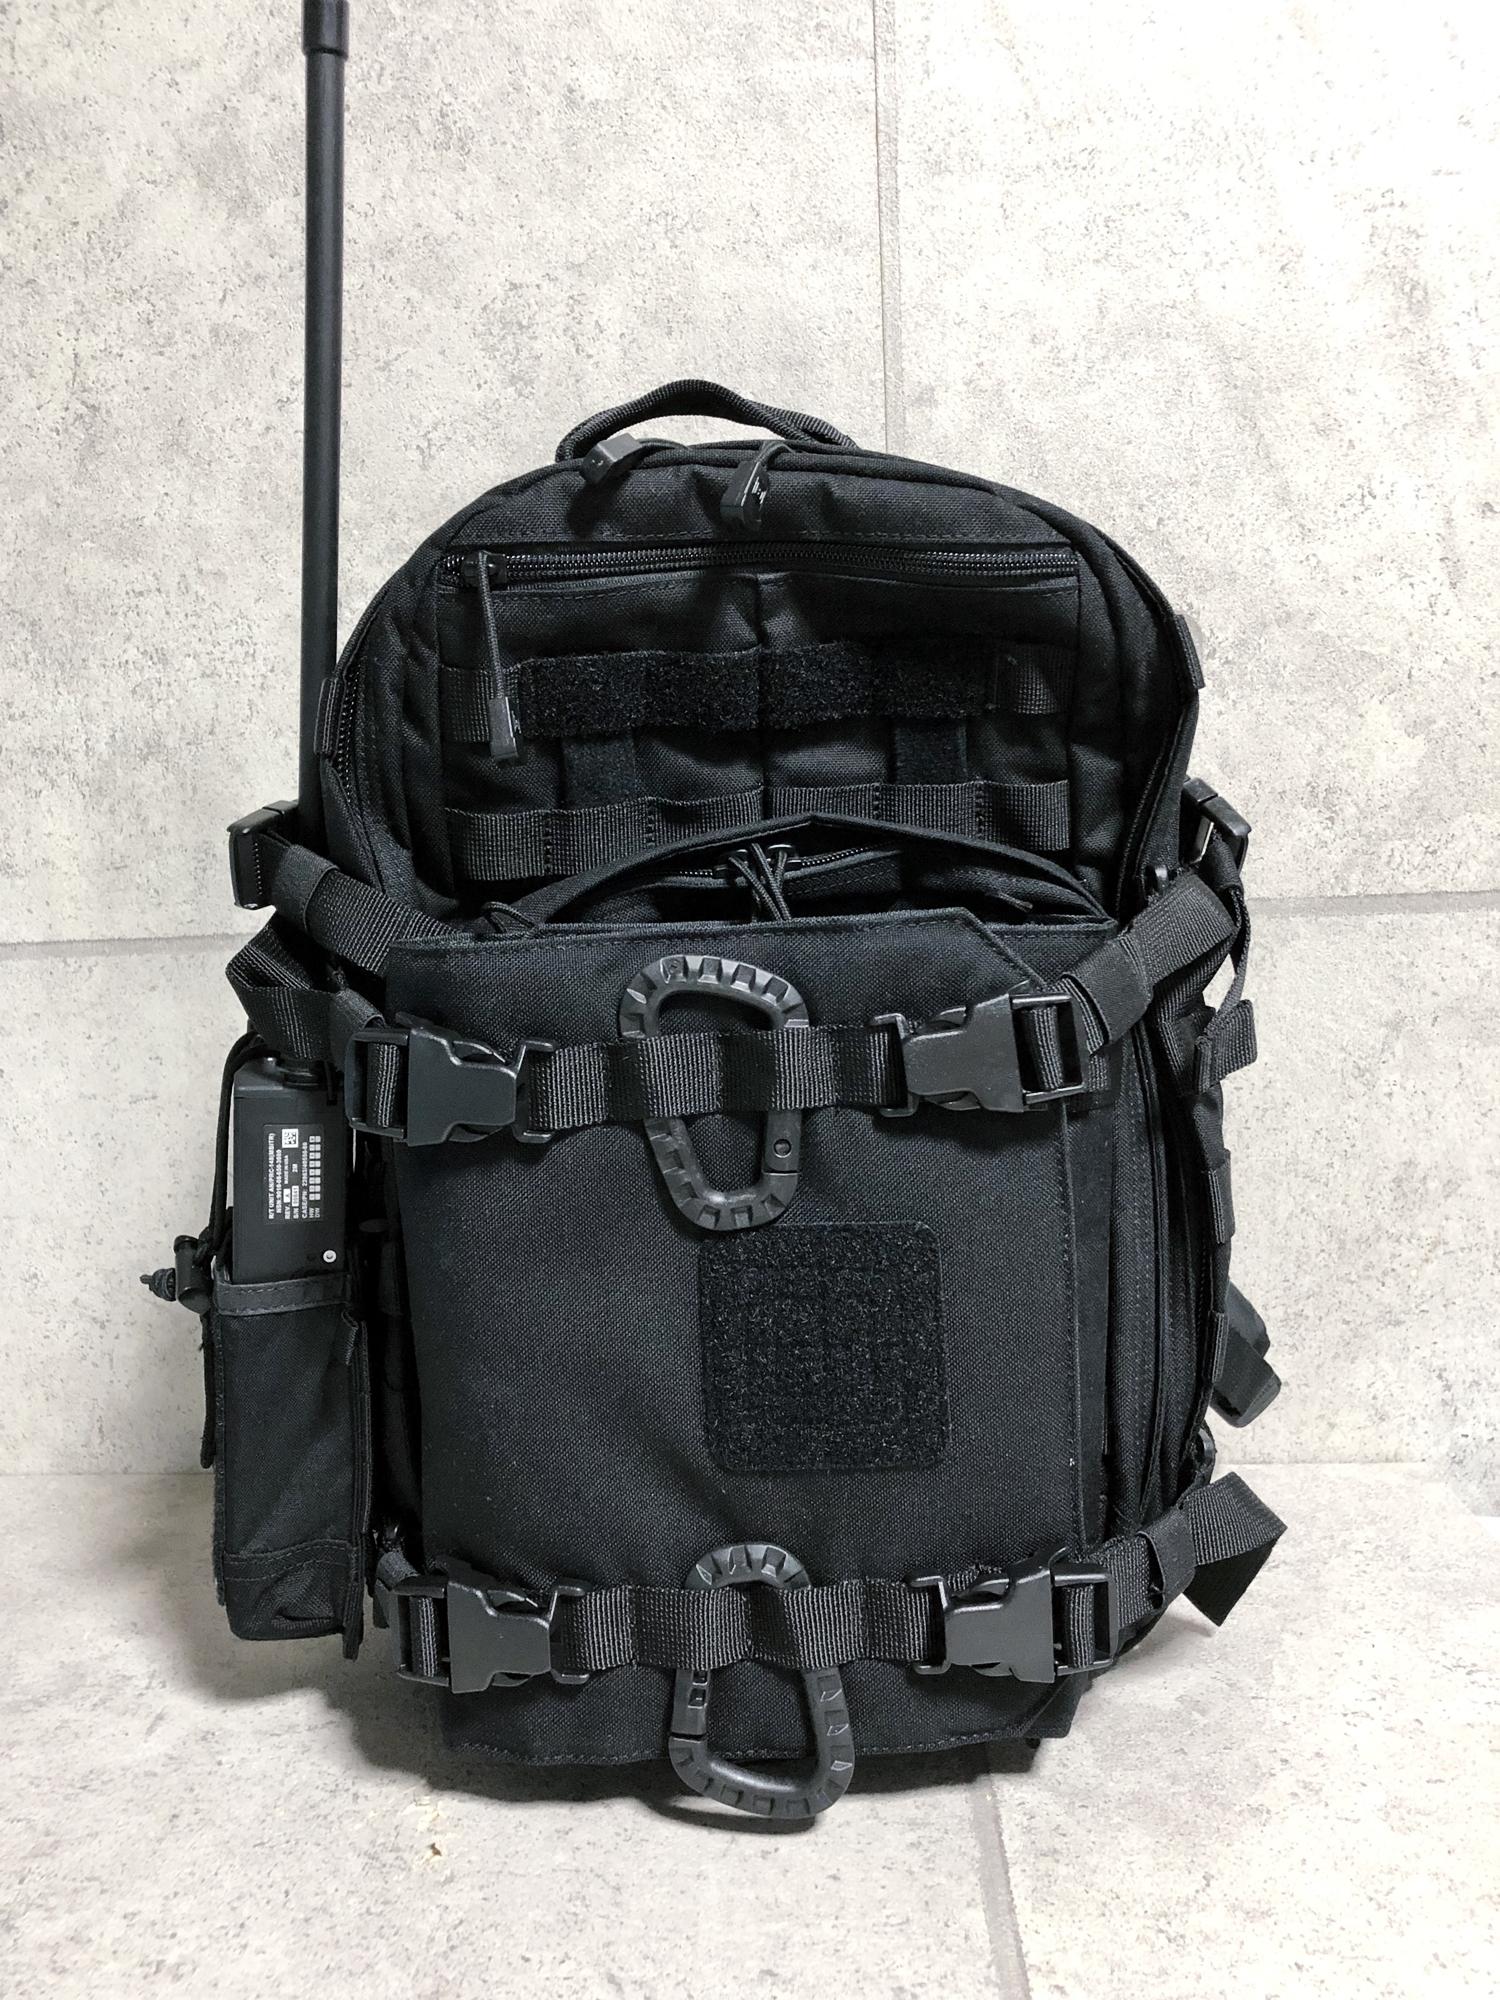 25 実物 511 Tactical RUSH 12 BACKPACK CUSTOM!! ライフルケース・ストラップシステム・ポーチ・ワッペン・ITW TAC LINKなど!! ファイブイレブン タクティカル ラッシュ バックパック カスタム!! 購入 取付 レビュ